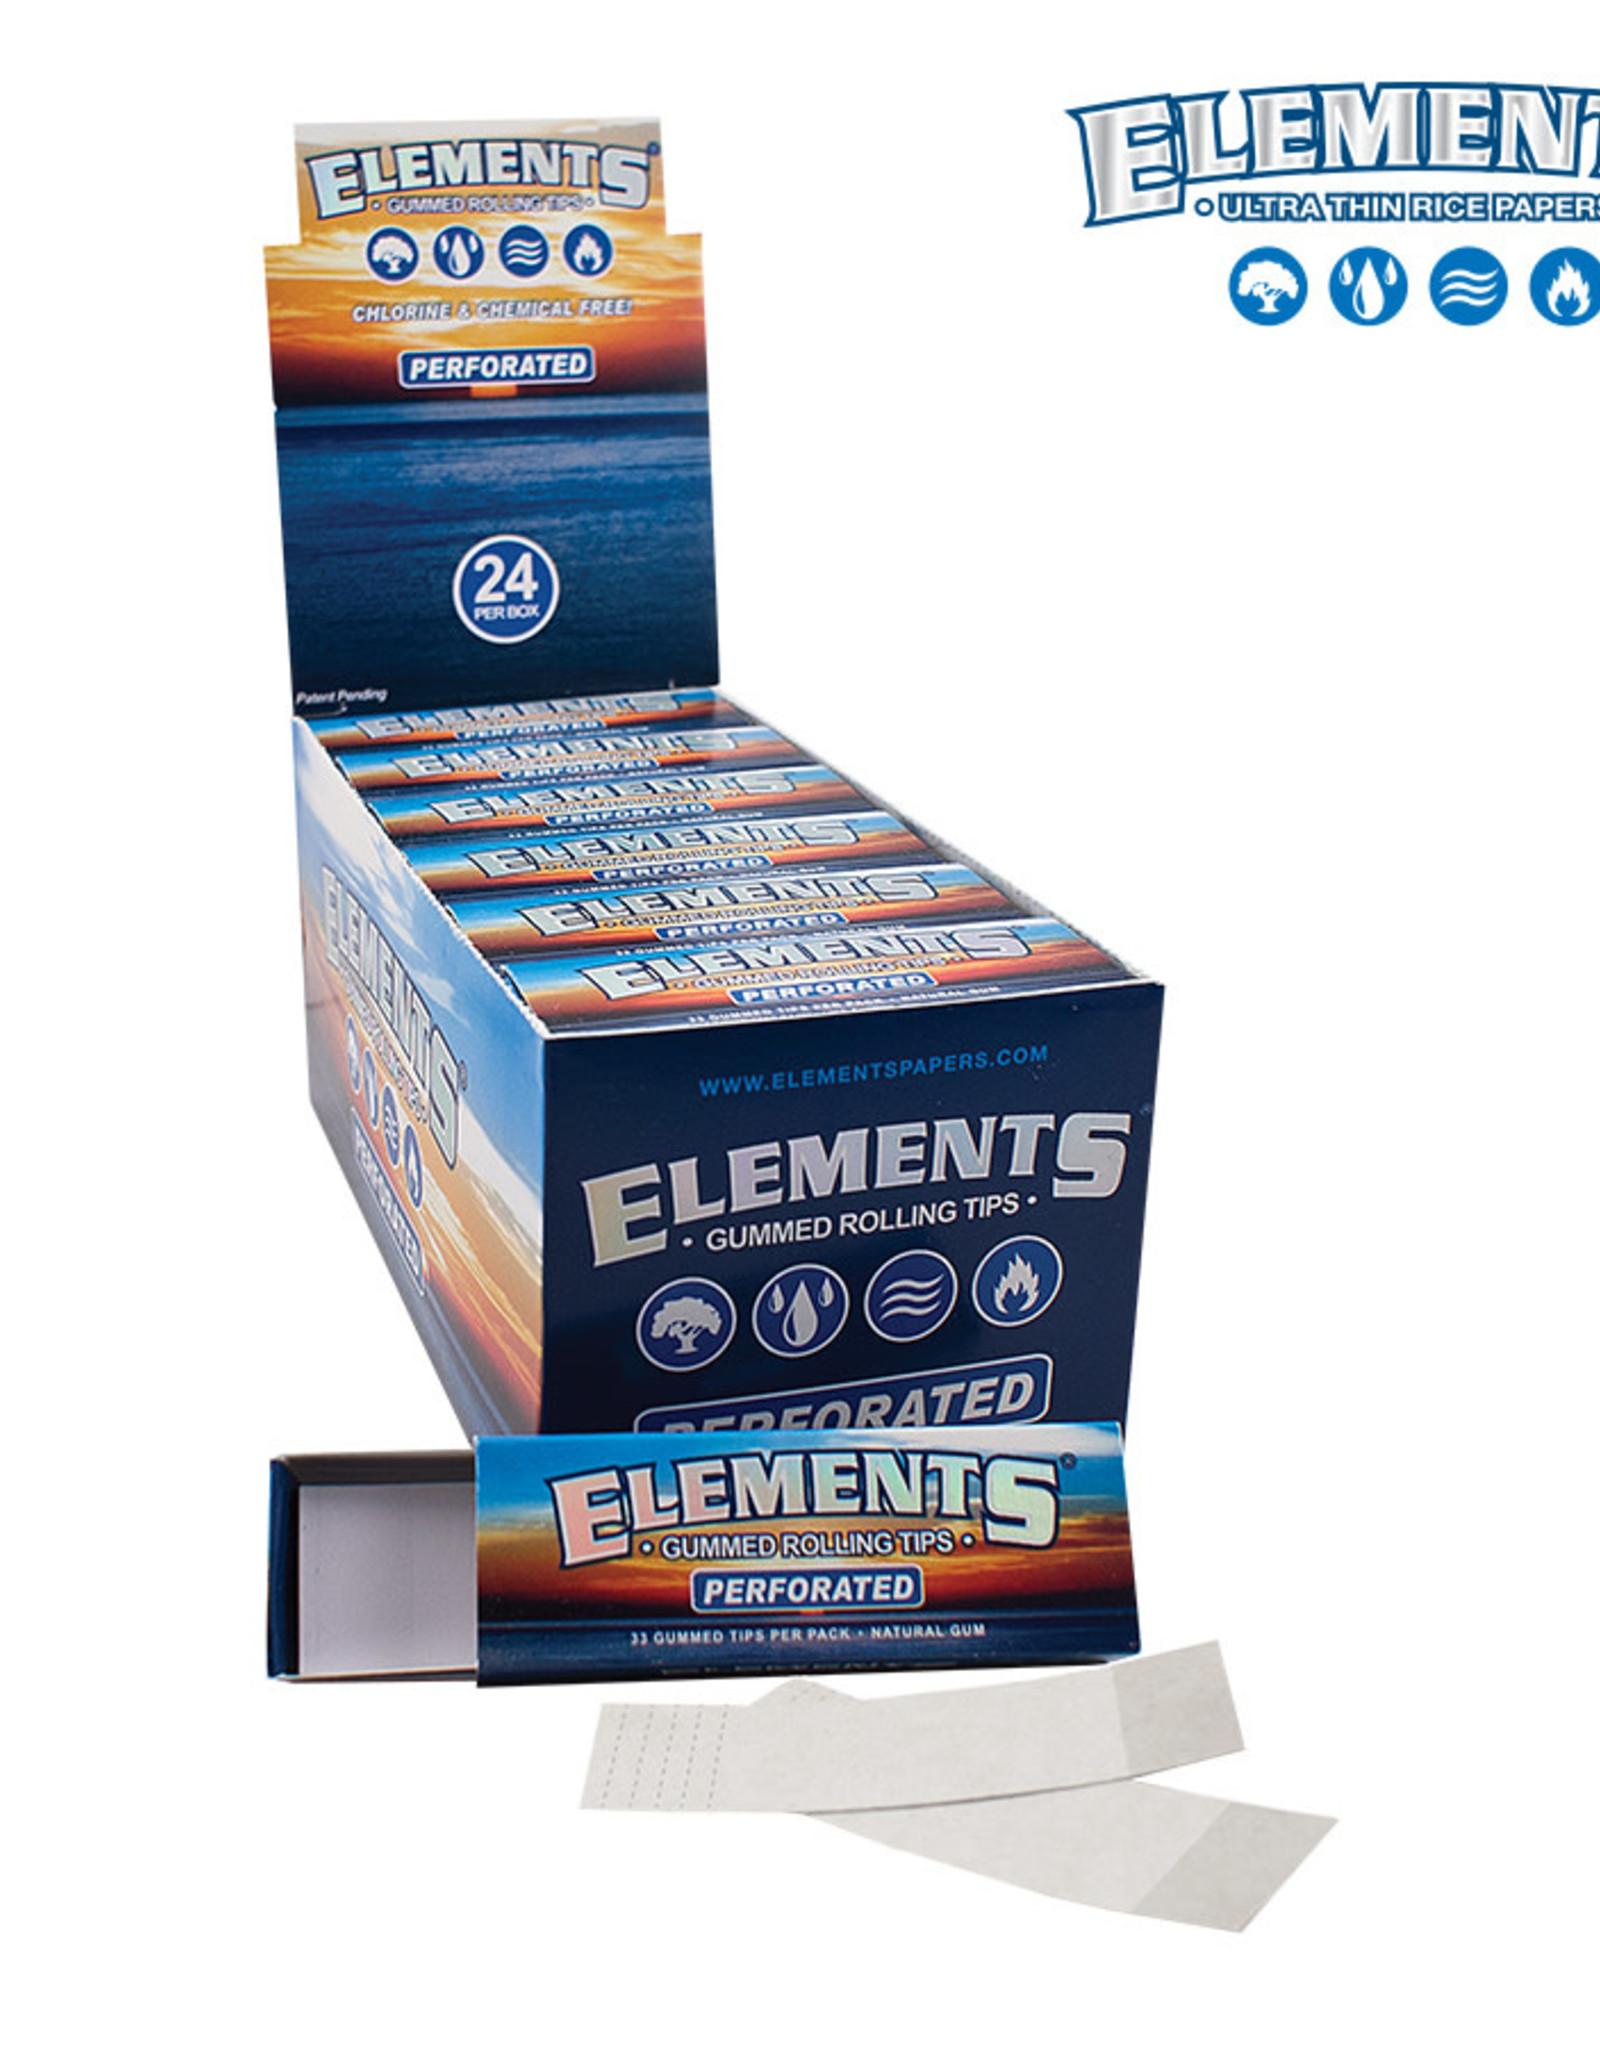 Elements Tips - Gummed